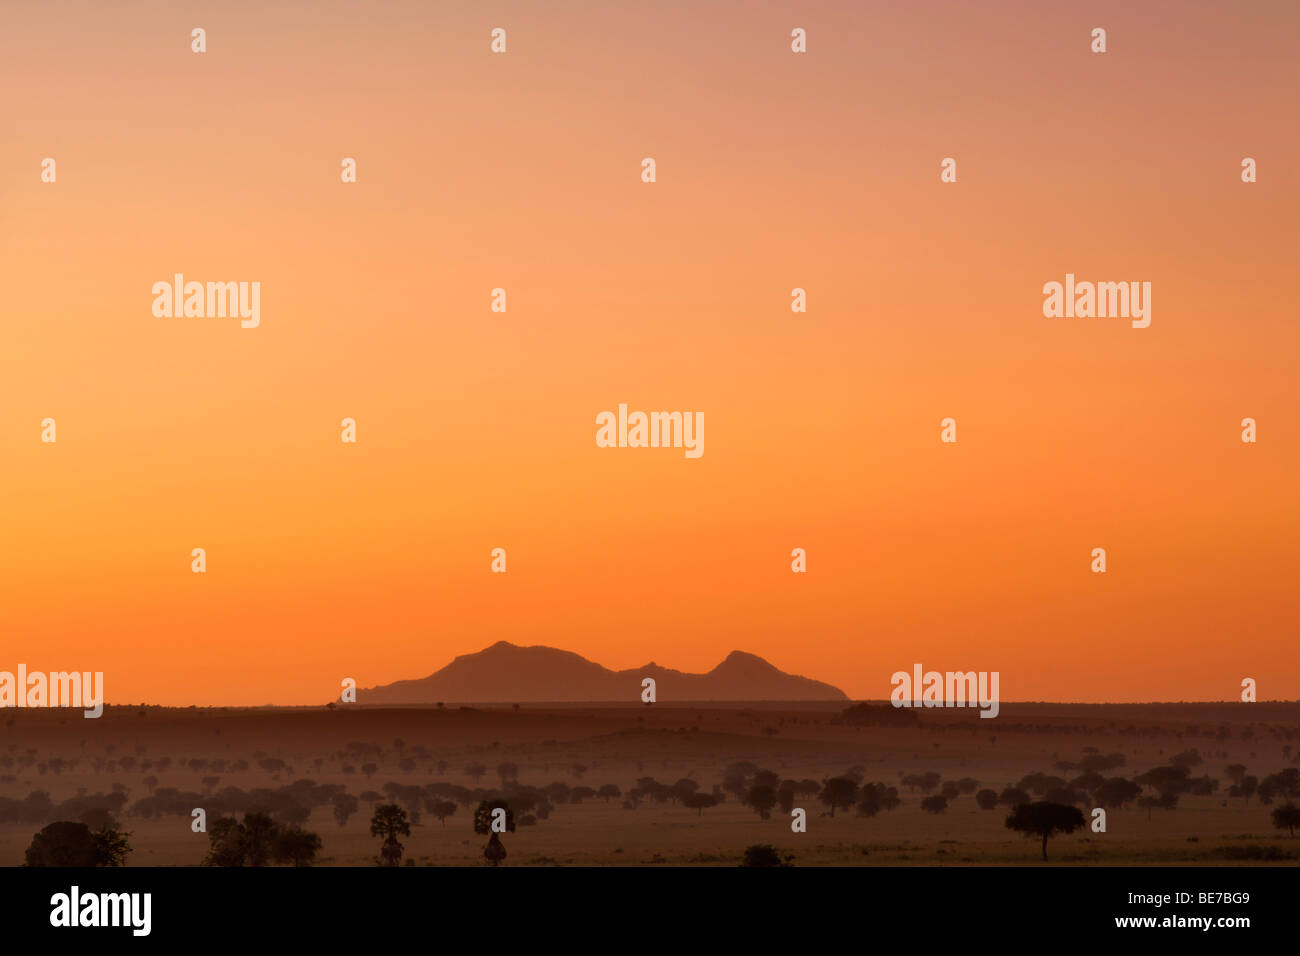 Mont Morungole mou vu depuis le Parc National de Kidepo Valley dans le nord de l'Ouganda à l'aube. Photo Stock